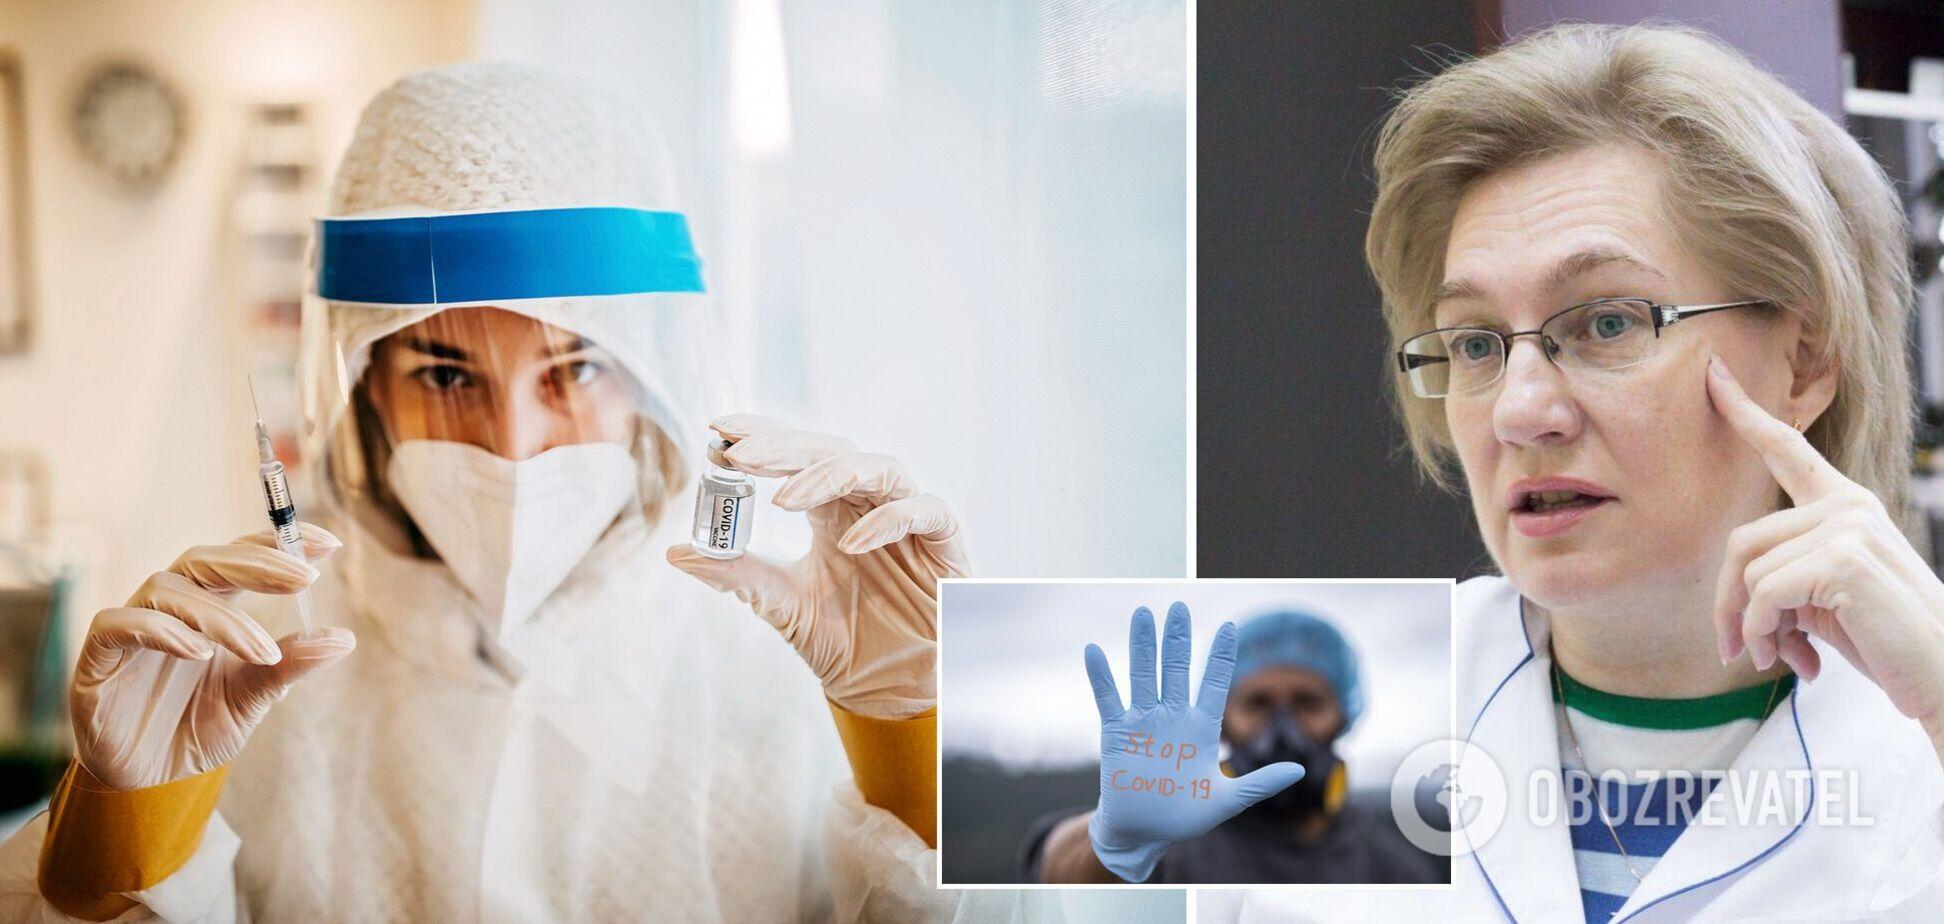 Голубовська – про вакцинацію лікарів від COVID-19: необґрунтовано давати загальні рекомендації